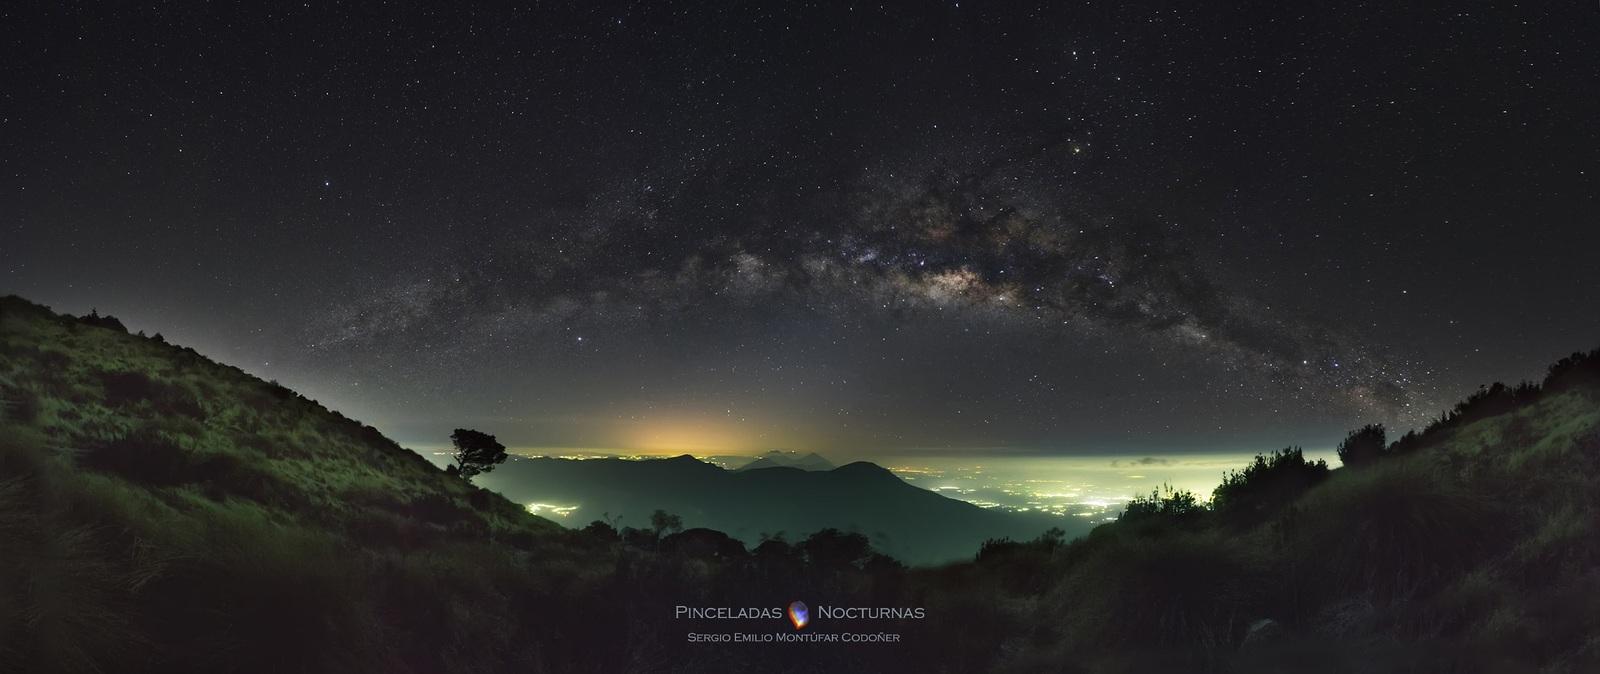 Звёздное небо и космос в картинках - Страница 4 1482954341110482663